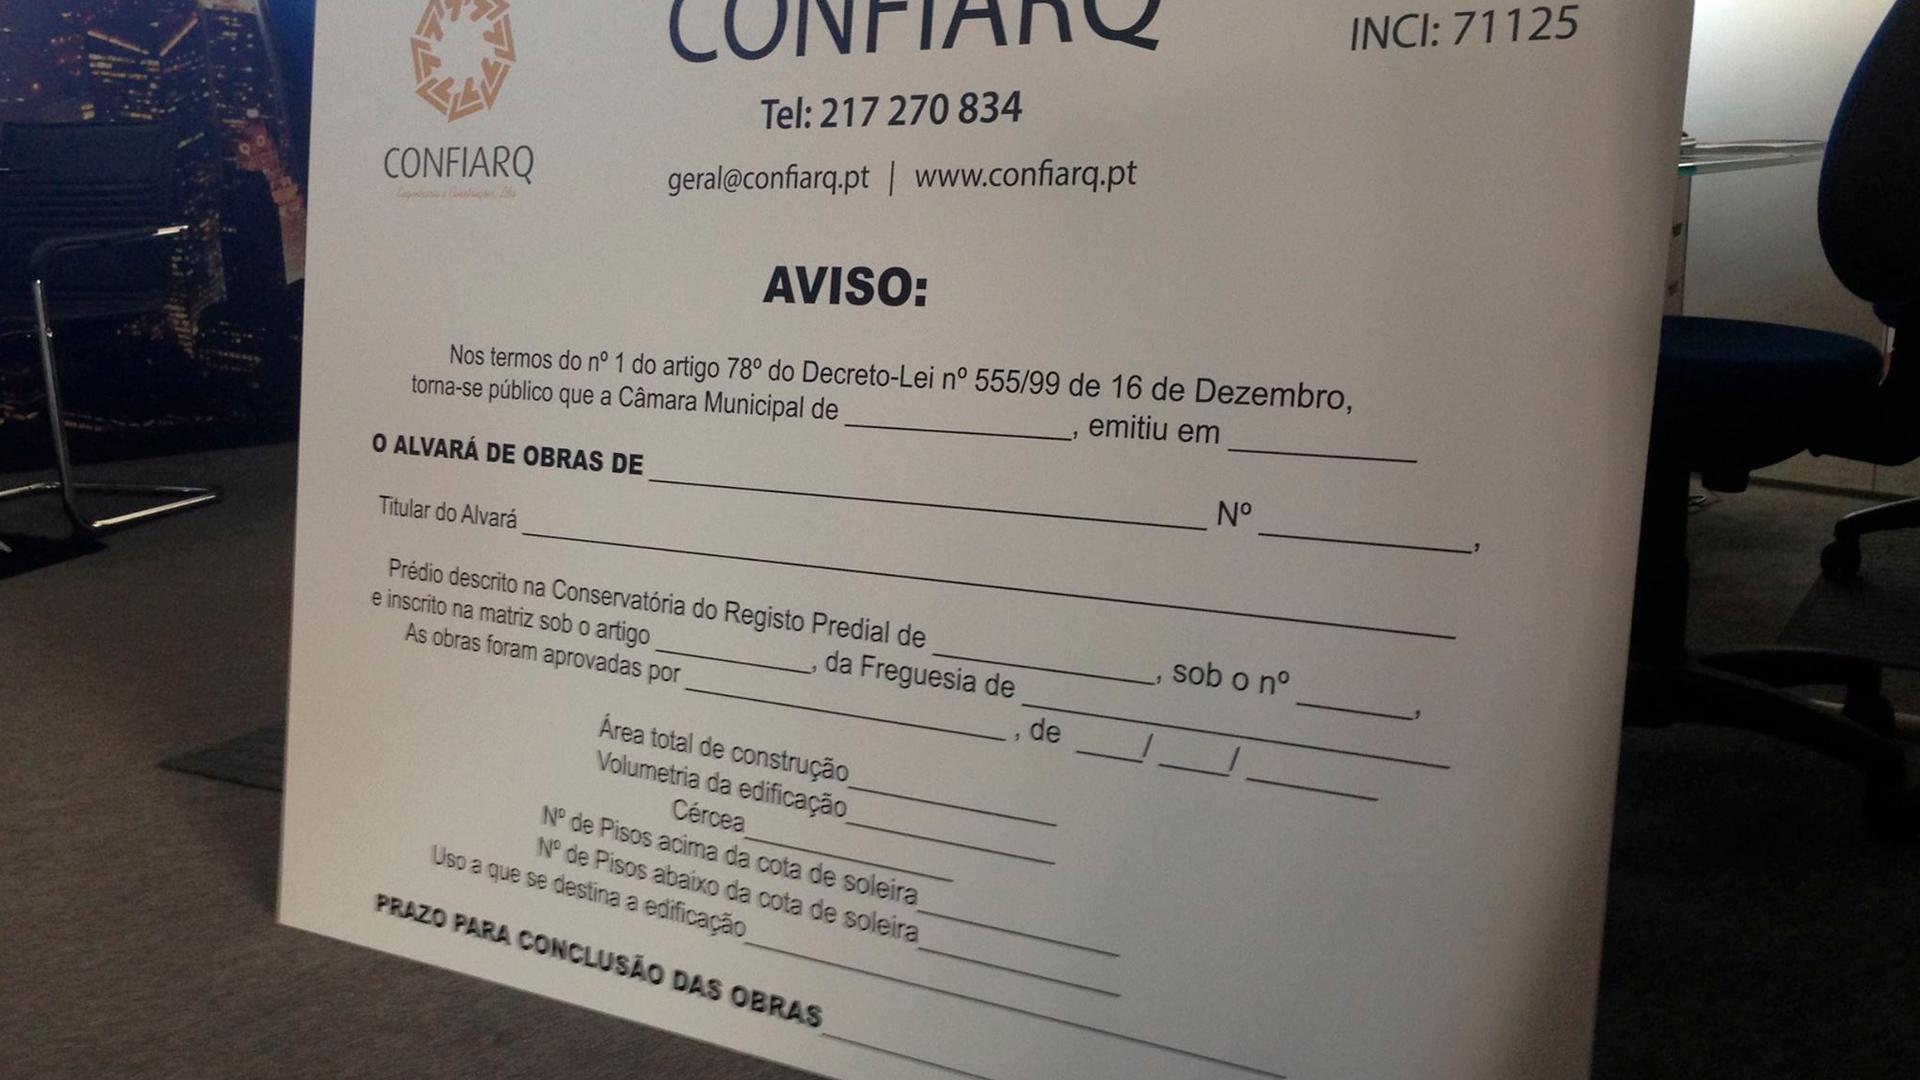 Placa PVC - Confiarq